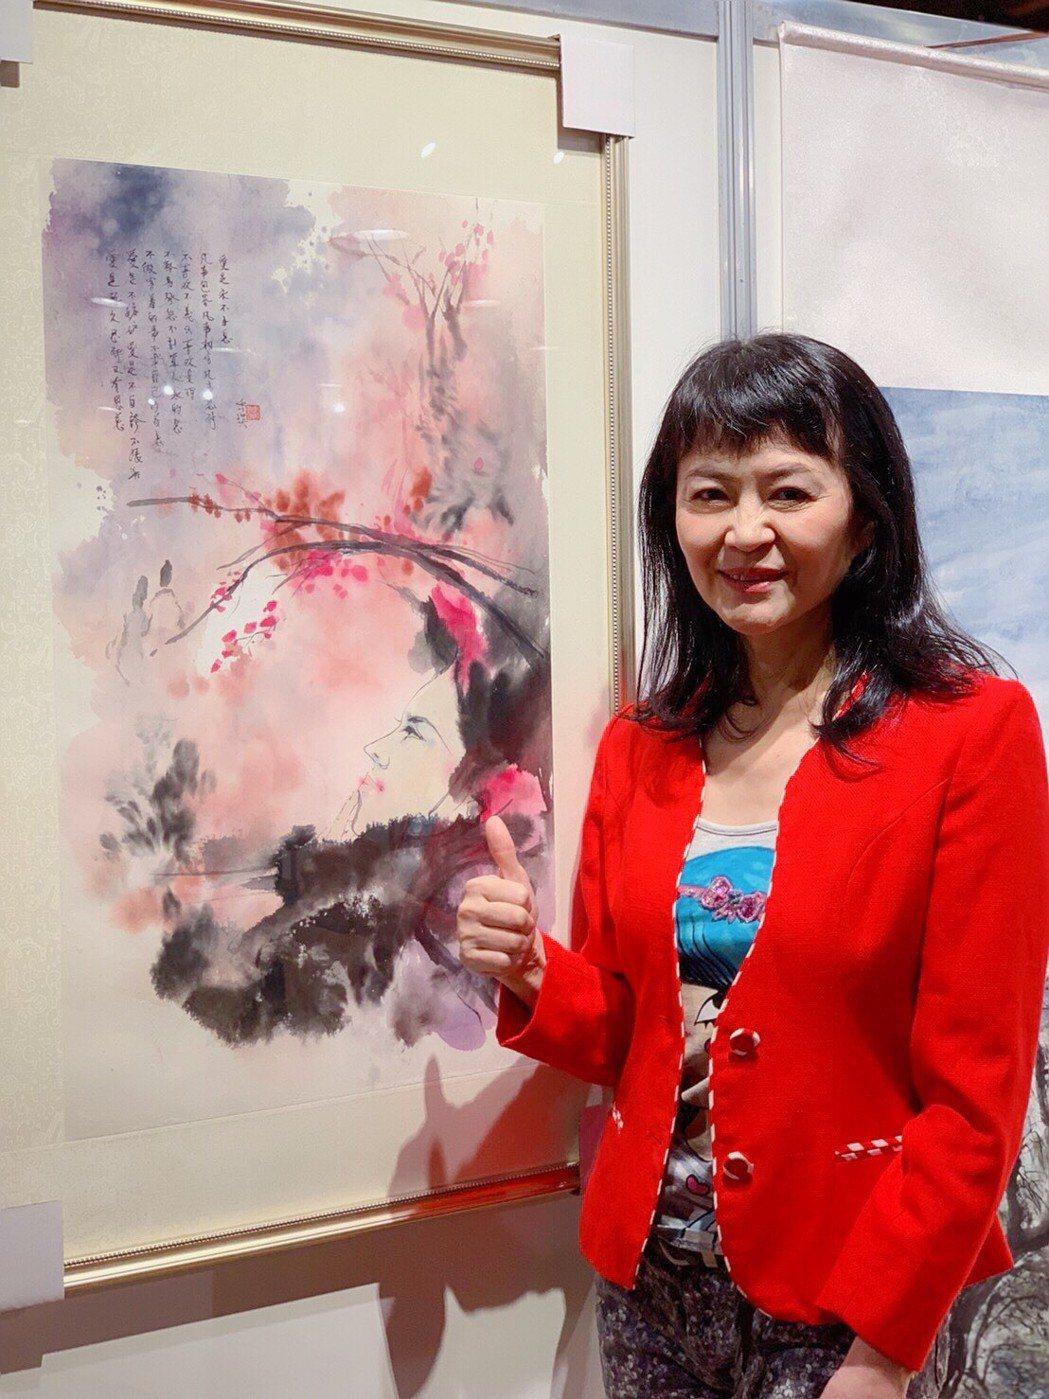 程秀瑛的畫作首次參展,自稱是新手畫家。記者陳慧貞/攝影